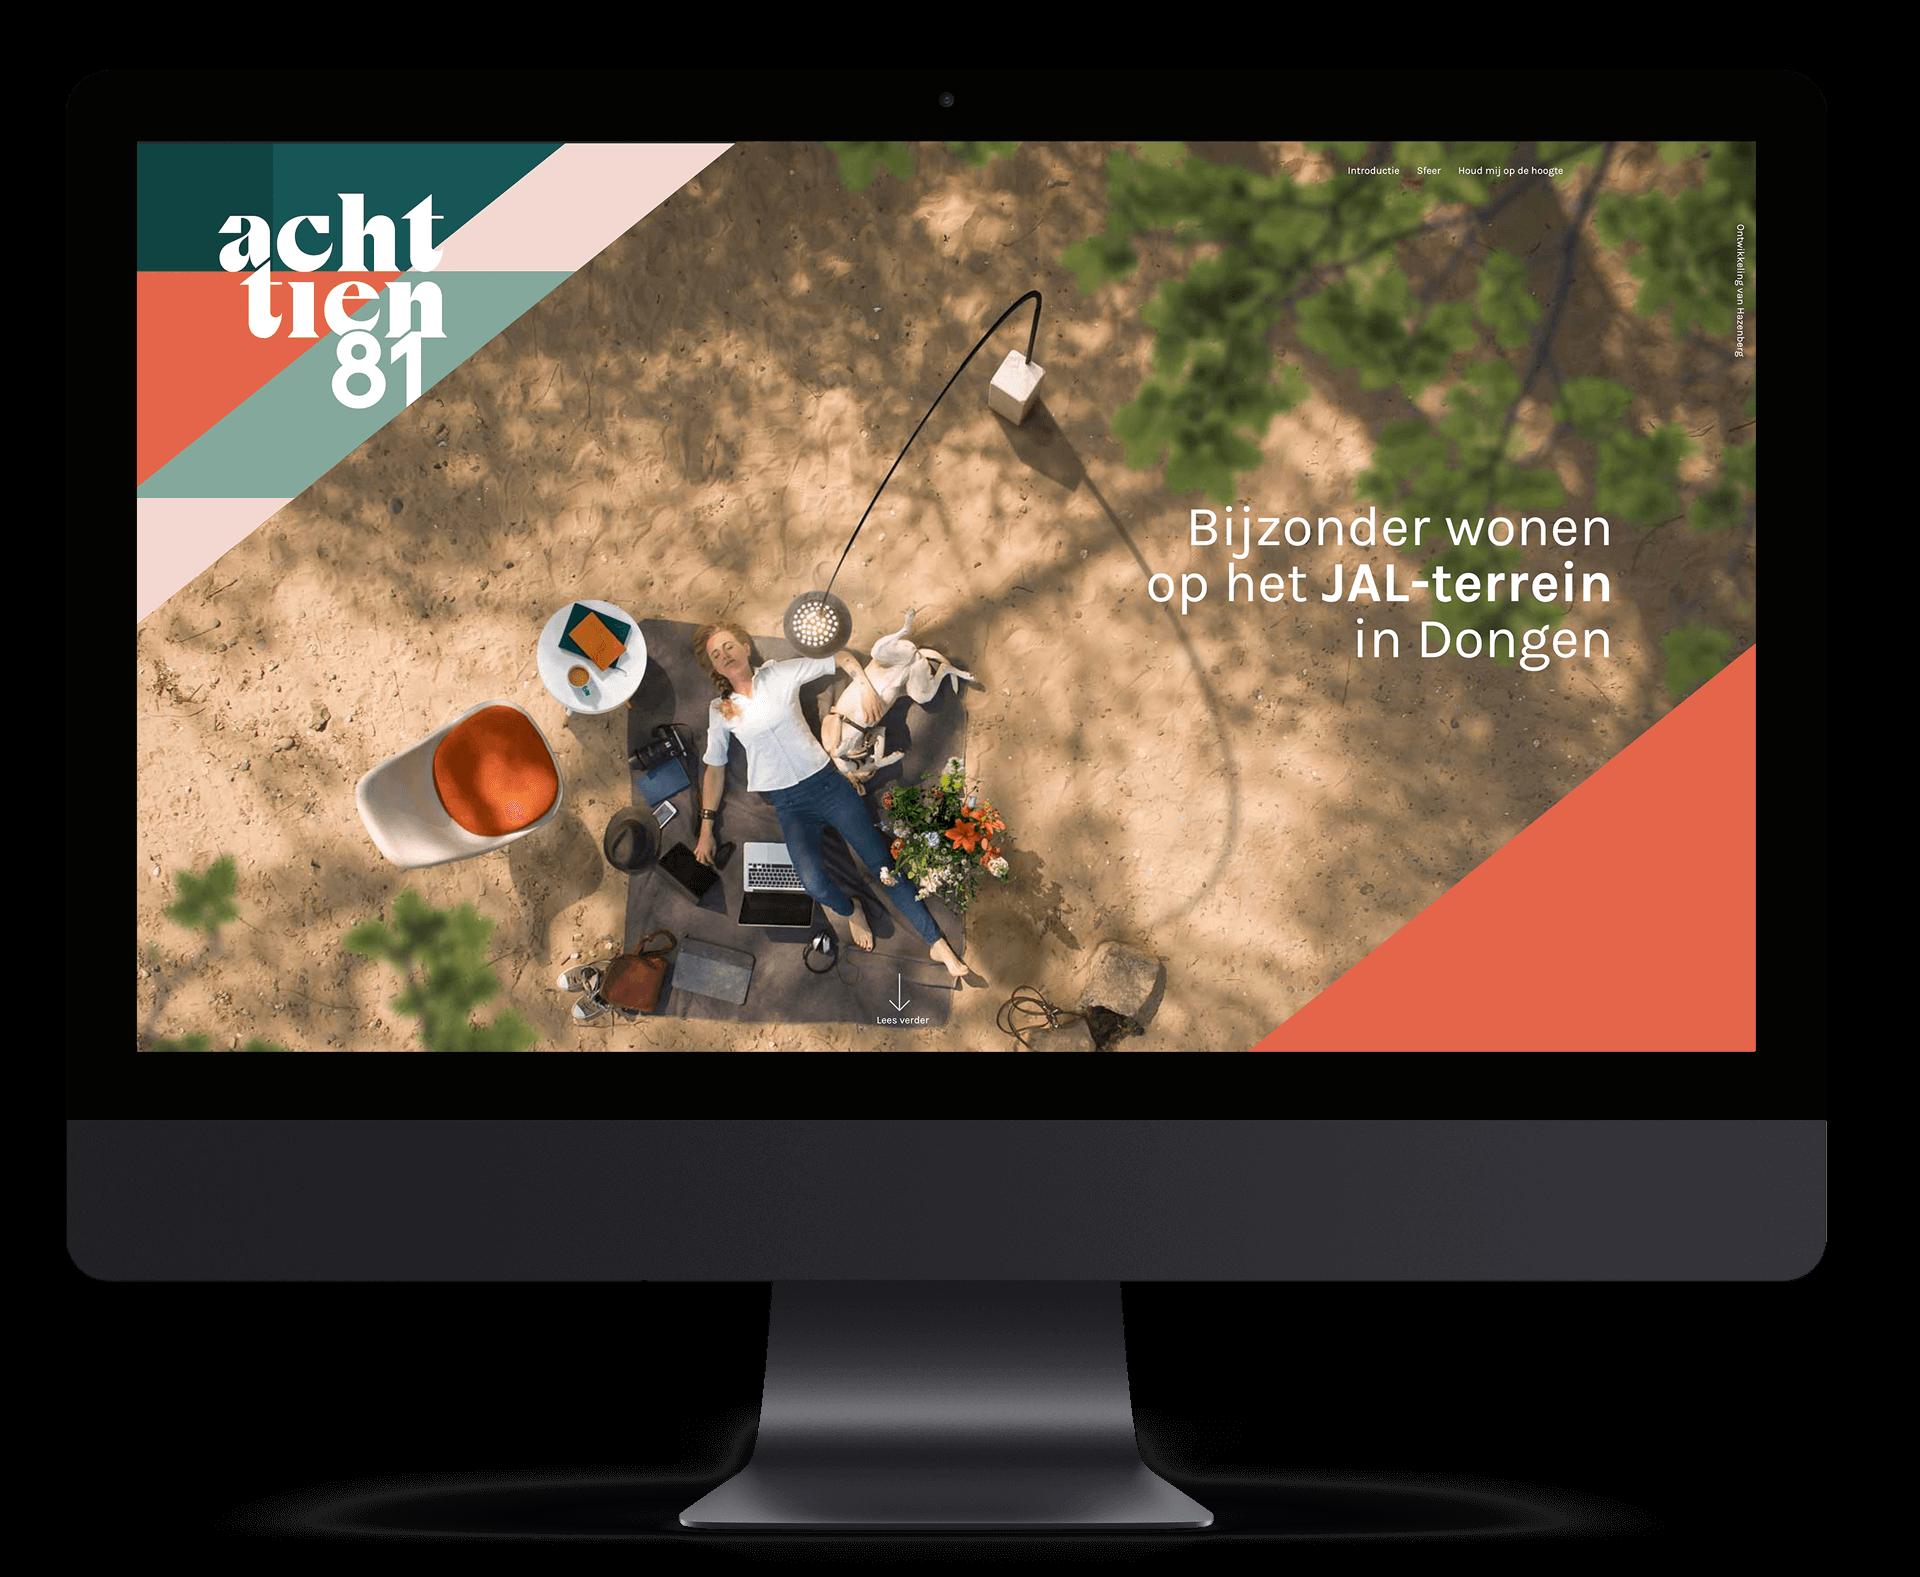 Websites - iMac Mockup - Achttien81 - yoreM Digital in Real Estate